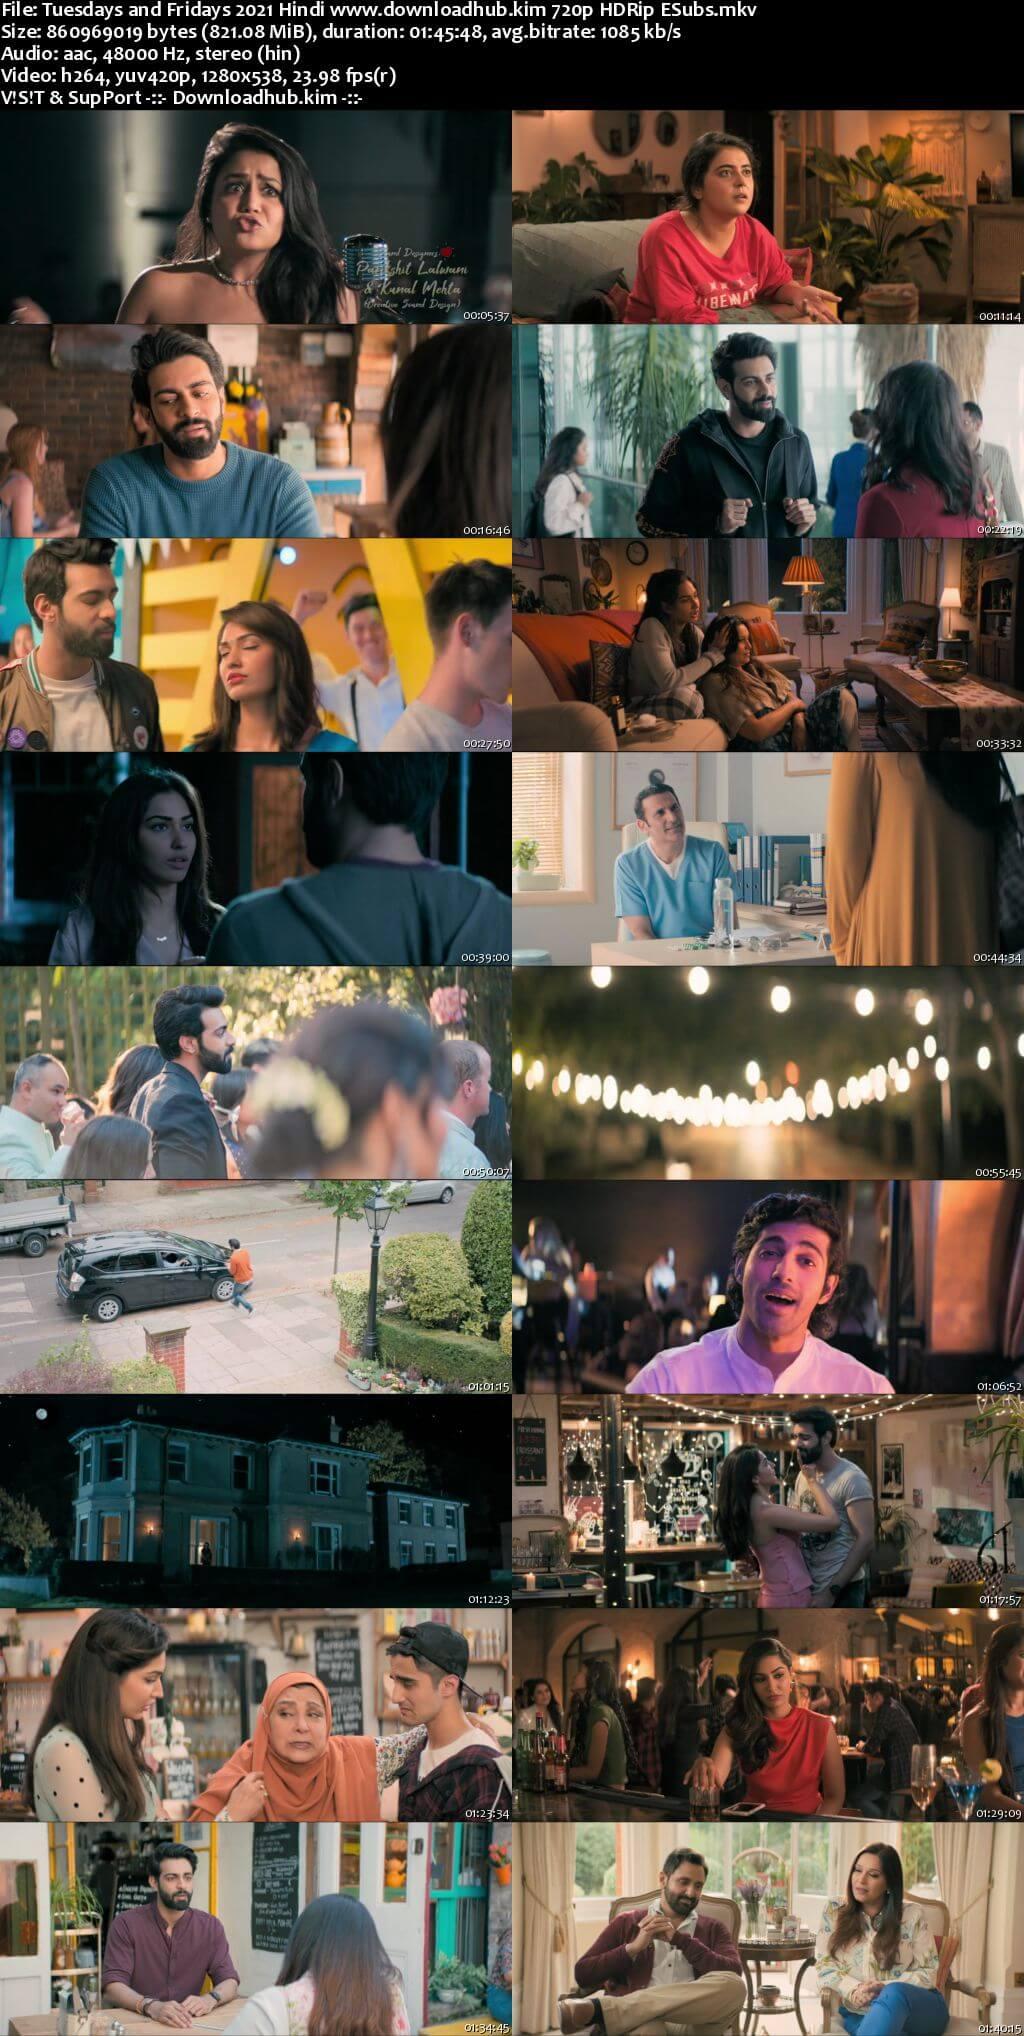 Tuesdays and Fridays 2021 Hindi 720p HDRip ESubs